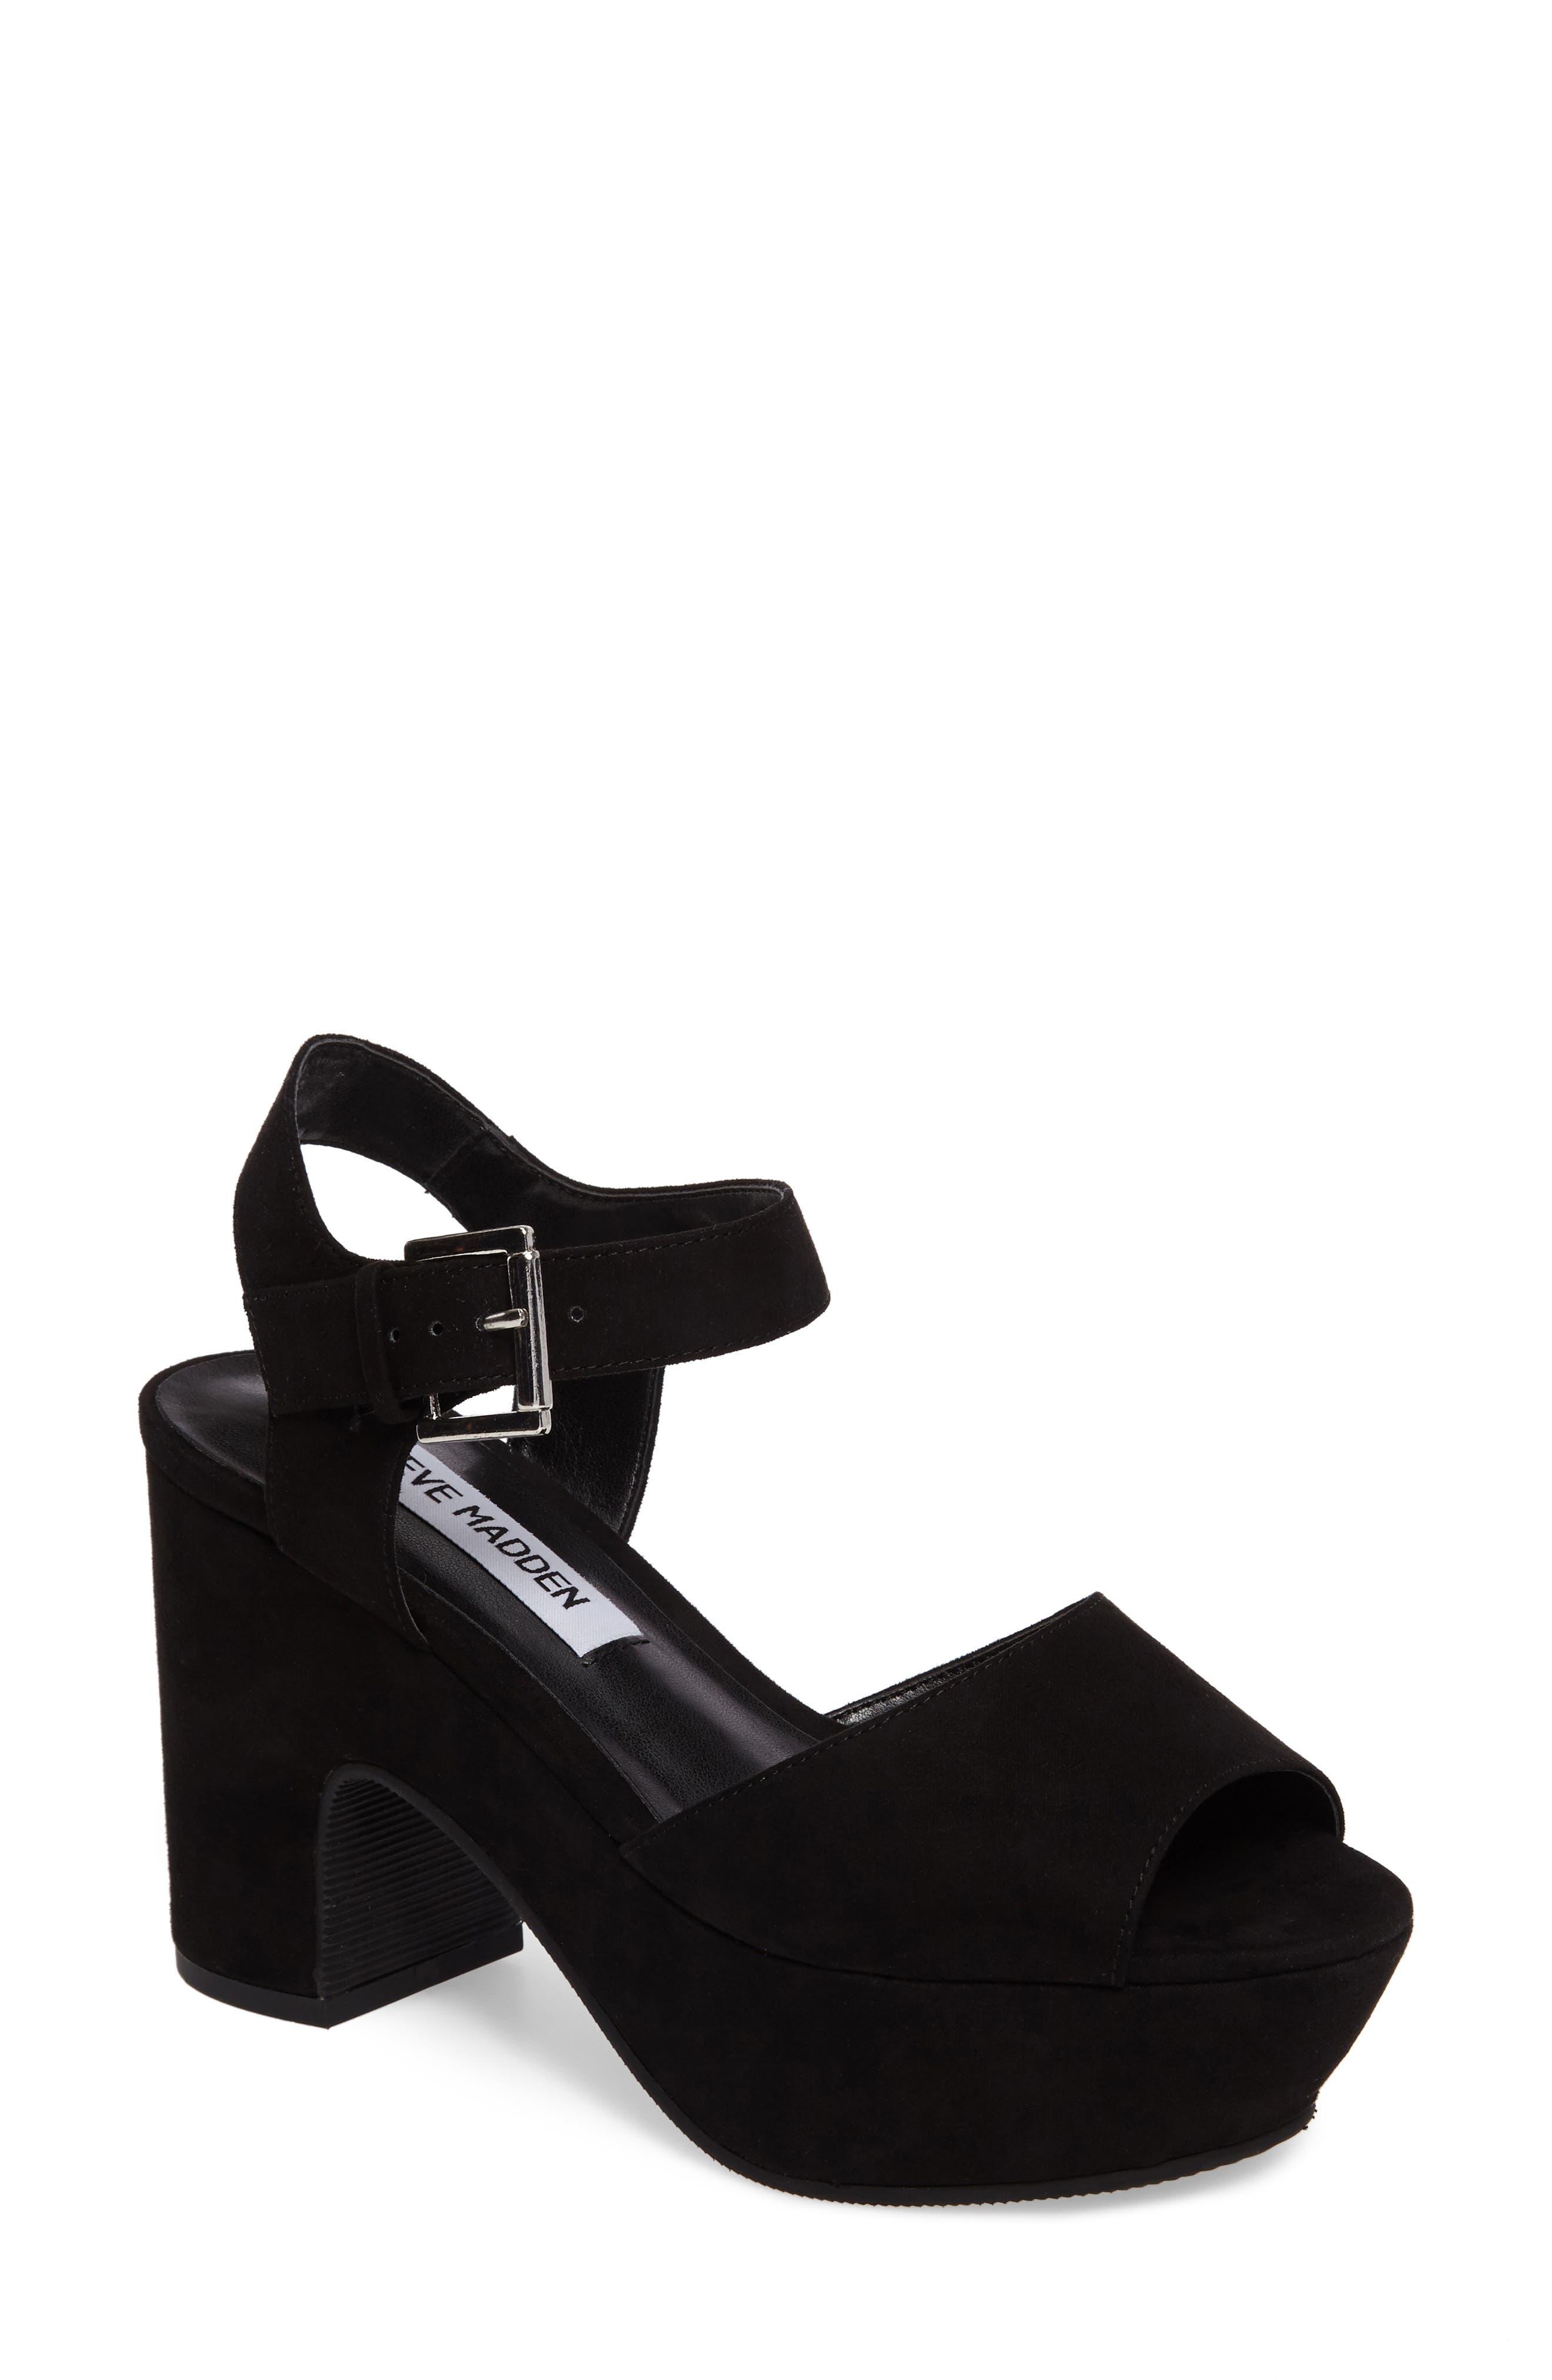 STEVE MADDEN Leni Platform Sandal